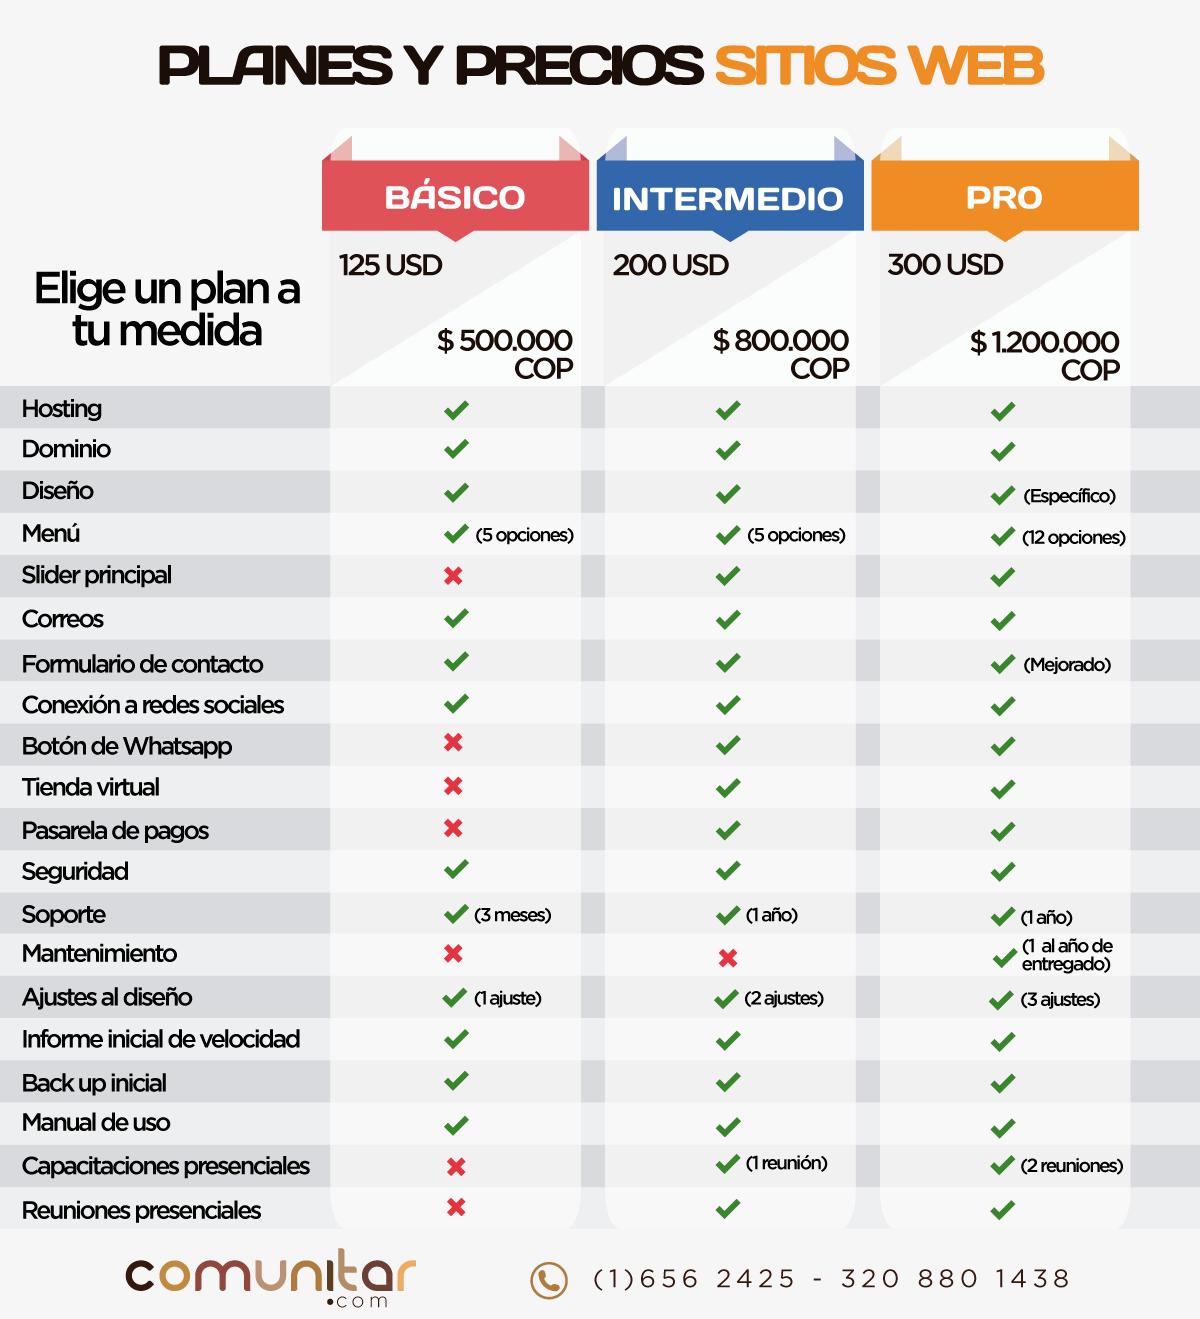 Planes y precios sitios web Comunitar, precios paginas web, precios sitios web